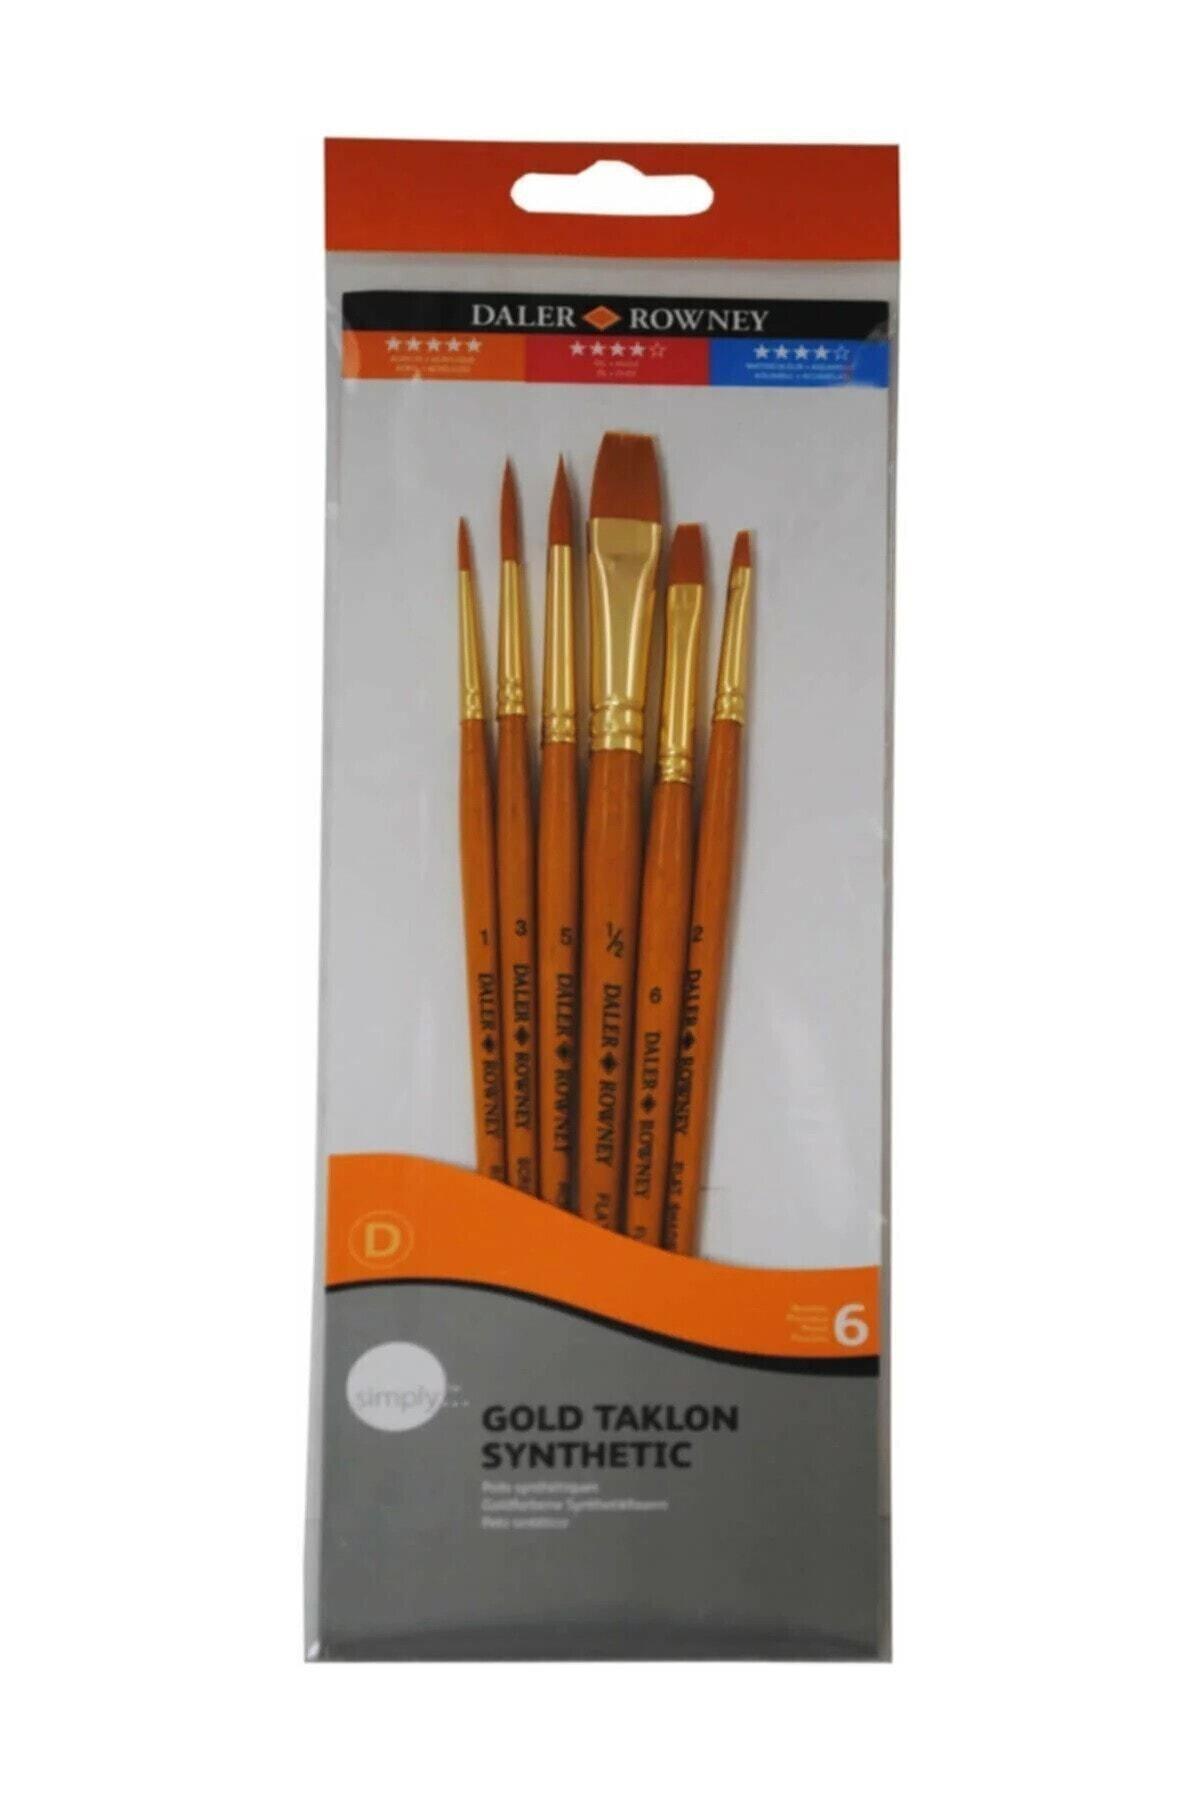 Daler Rowney Gold Taklon Synthetic Fırça Seti 7'li 1